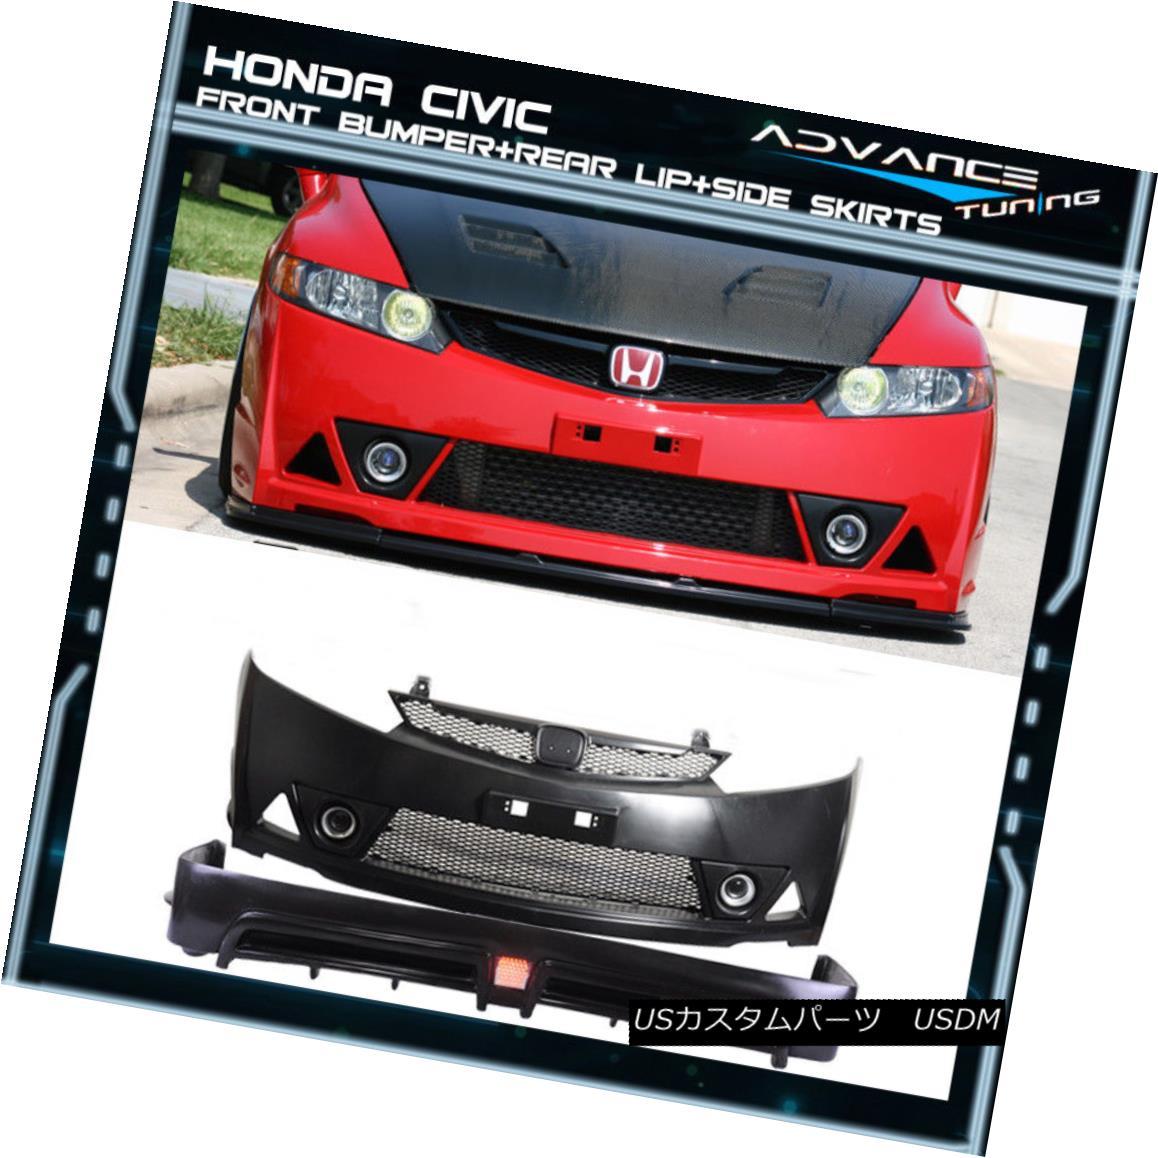 エアロパーツ Fit Honda Civic 4Dr MUG RR Bodykit Front Bumper + Rear Lip Polypropylene Hid フィット・ホンダ・シビック4Dr MUG RRボディキット・フロント・バンパー+リア・リップ・ポリプロピレン・ハイド